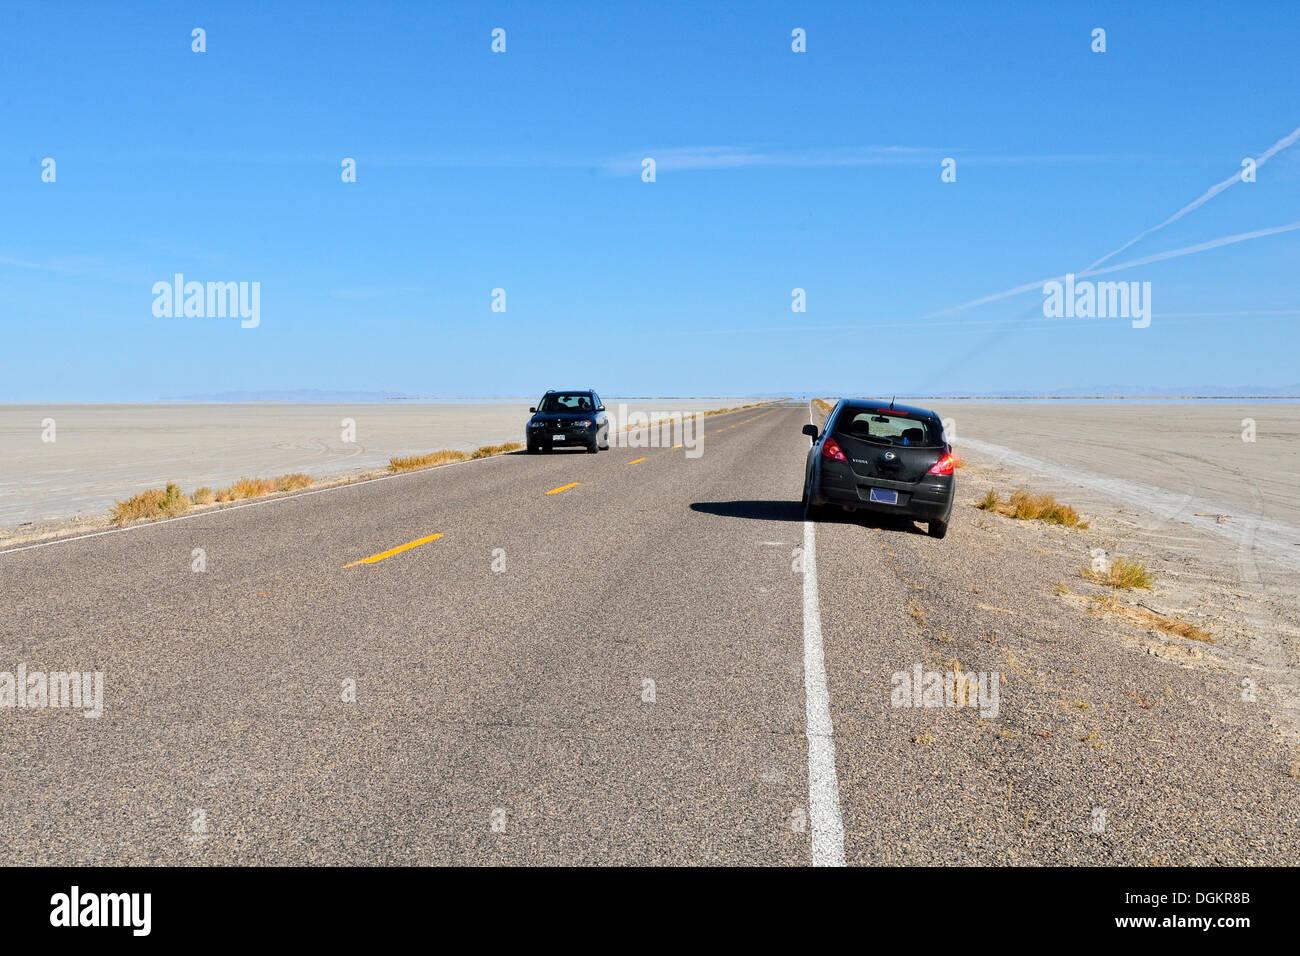 Camino de acceso a la planta de Bonneville Speedway, el Gran Lago De sal del desierto, Wendover, Utah, EE.UU. Imagen De Stock